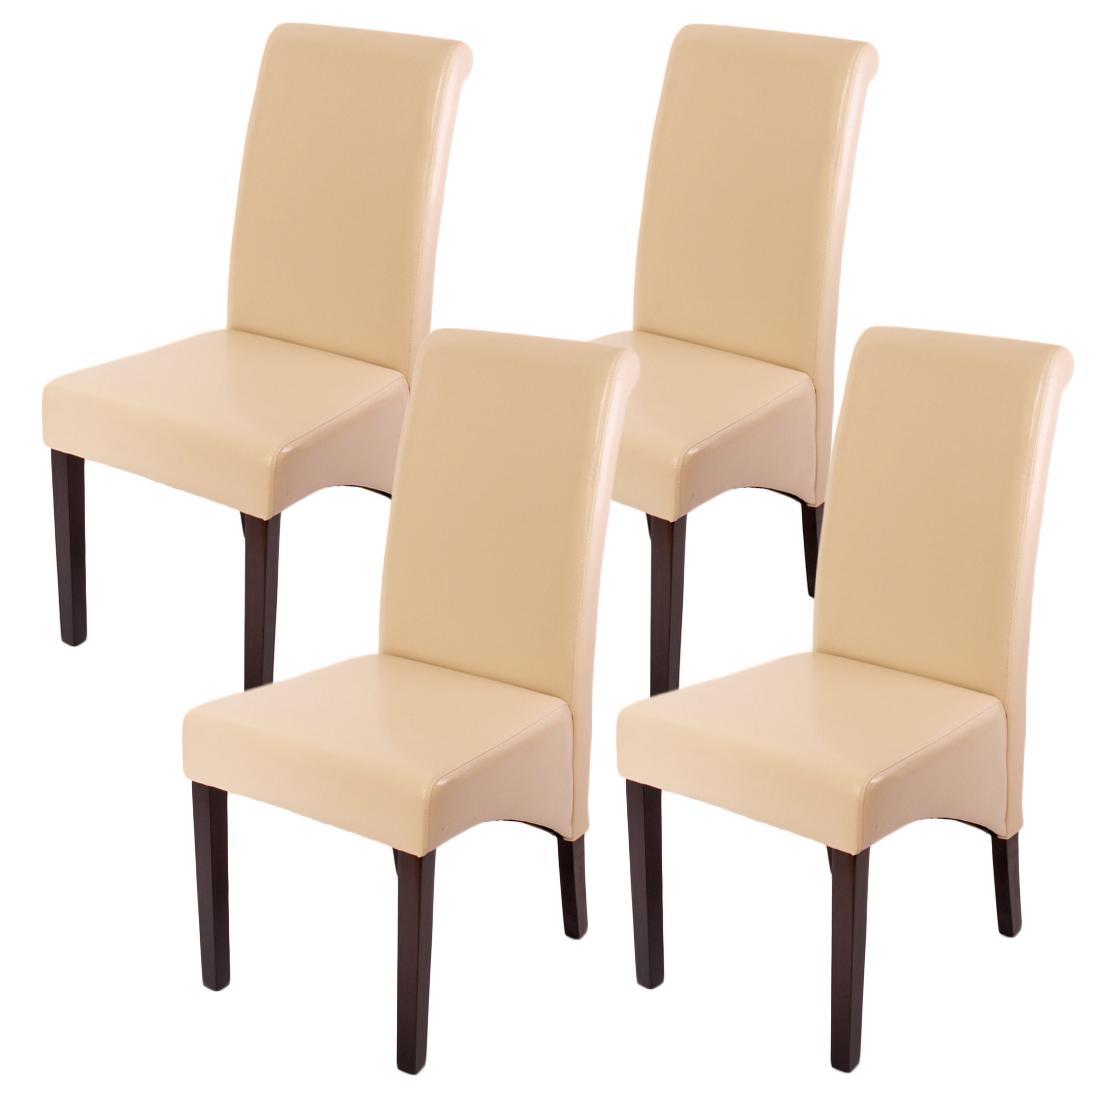 Lote 4 sillas de comedor turin tapizadas en piel real for Sillas de comedor tapizadas en piel